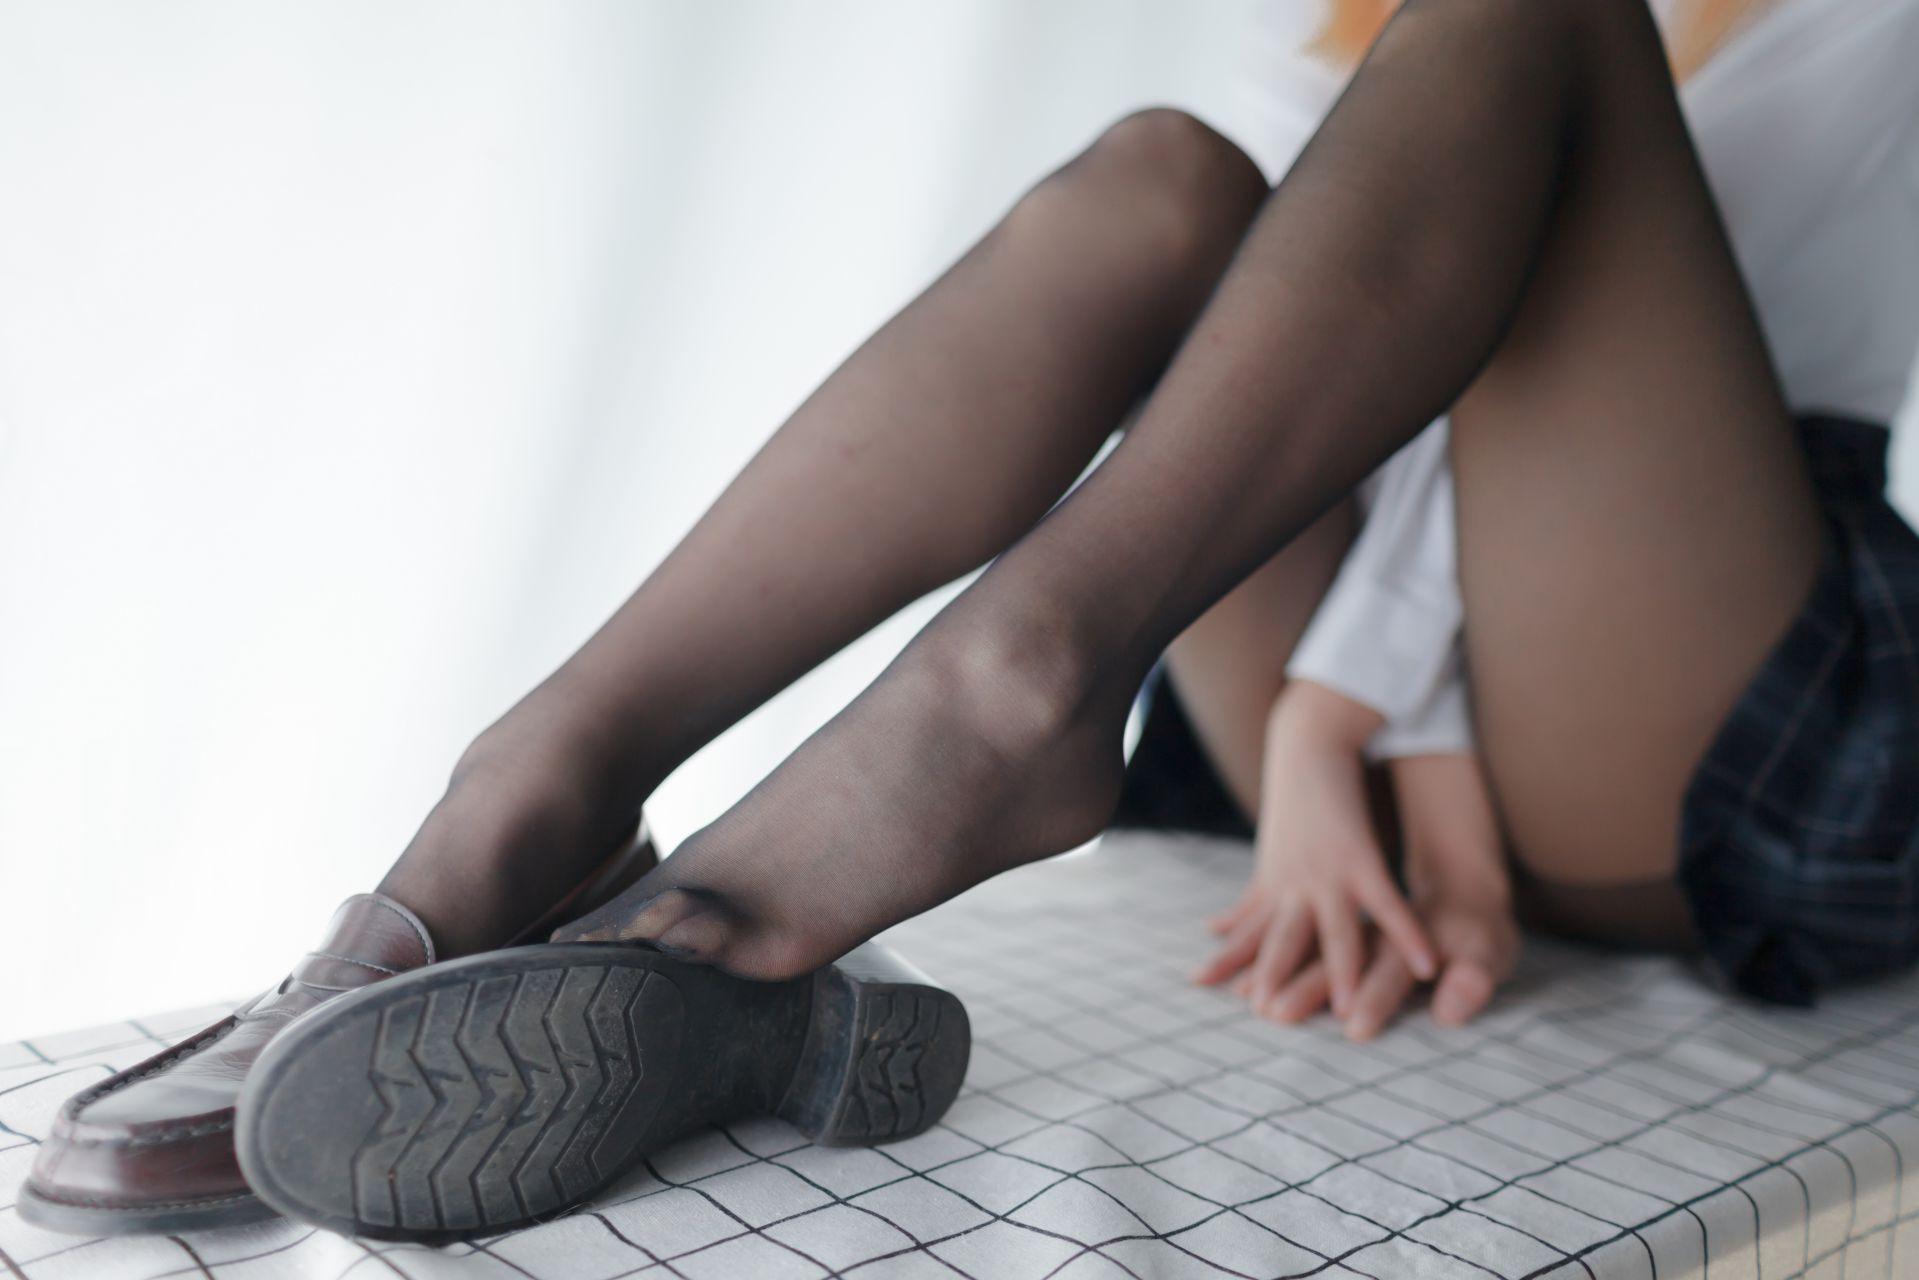 少女秩序 EXVOL.05 黑丝的绝对诱惑 兔玩映画 第9张